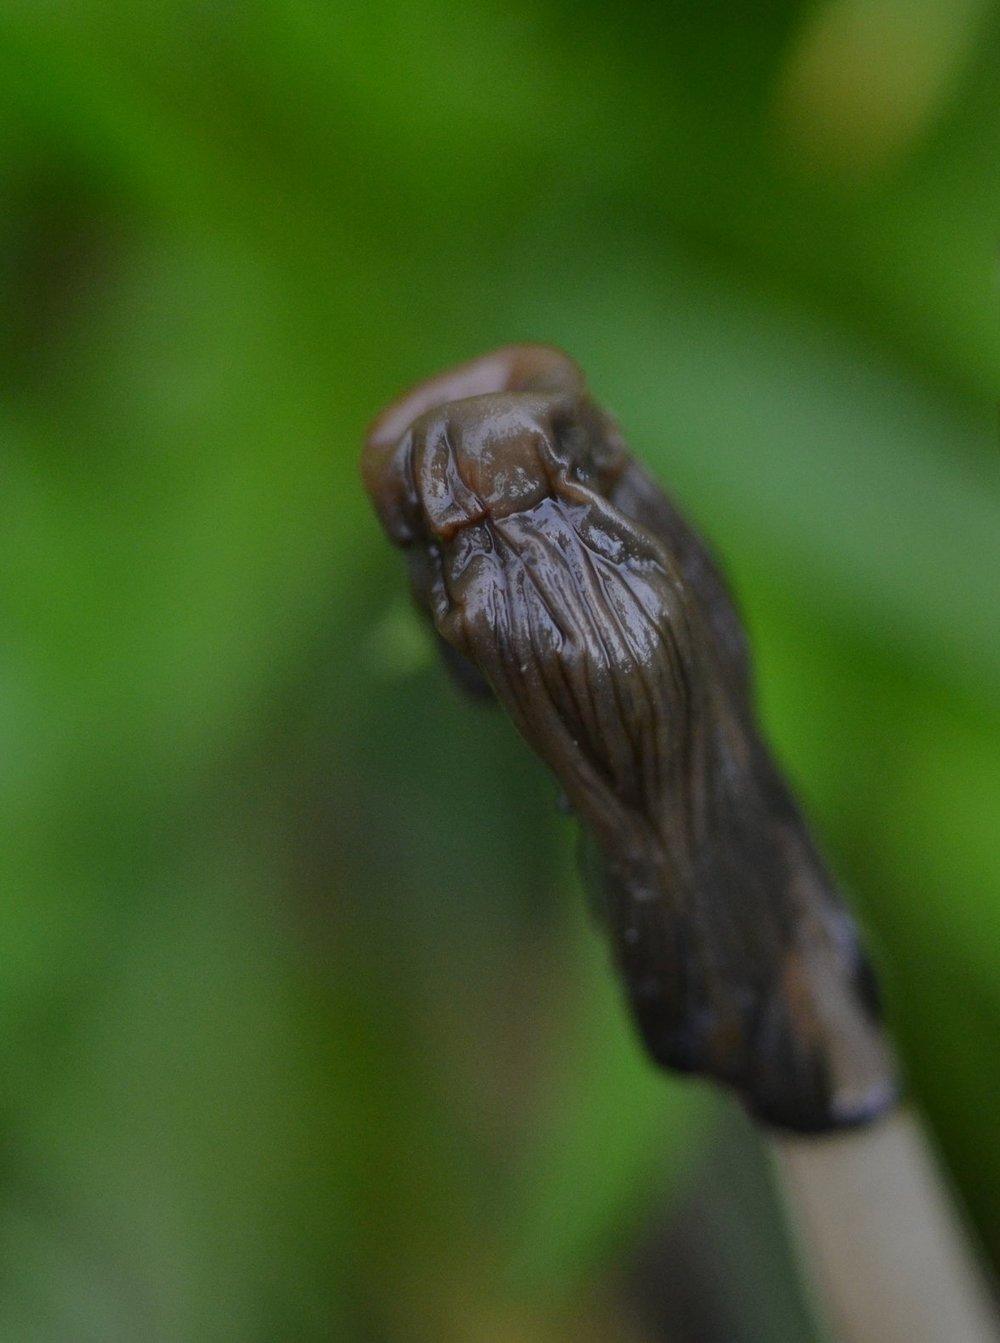 Cap deliquescence of  Coprinellus micaceus